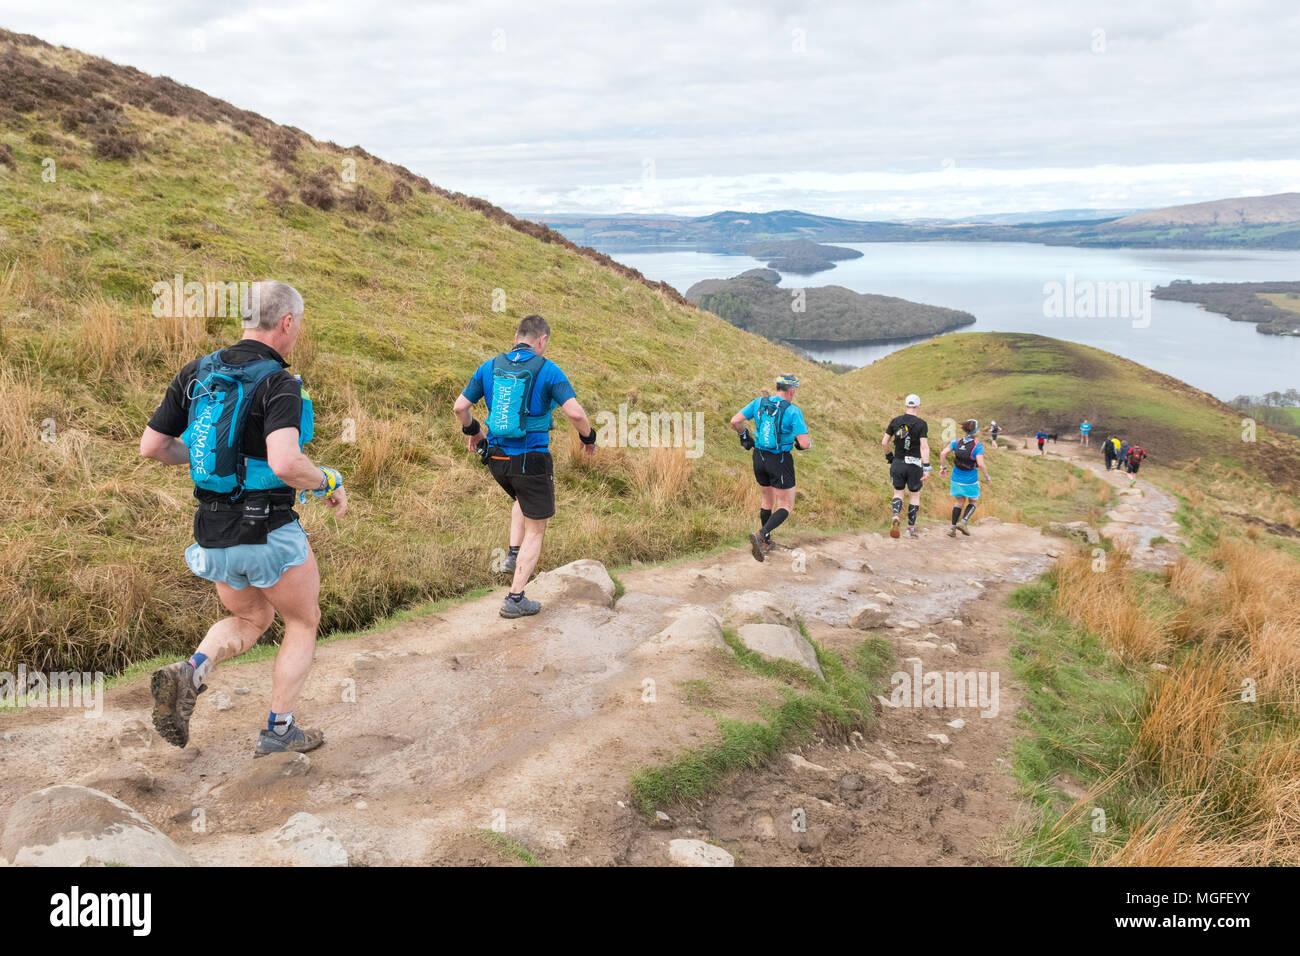 Conic Hill, Loch Lomond, Schottland, Großbritannien - 28 April 2018: The Highland Fling Rennen 2018 - Mitbewerber absteigend Conic Hill hoffentlich hatte die Gelegenheit, die atemberaubende Aussicht auf Loch Lomond vorweg zu nehmen. Die 53 Meile Ultra Marathon folgt der Route der West Highland Way durch Loch Lomond und der Trossachs National Park, von milngavie nach Tyndrum Credit: Kay Roxby/Alamy leben Nachrichten Stockbild